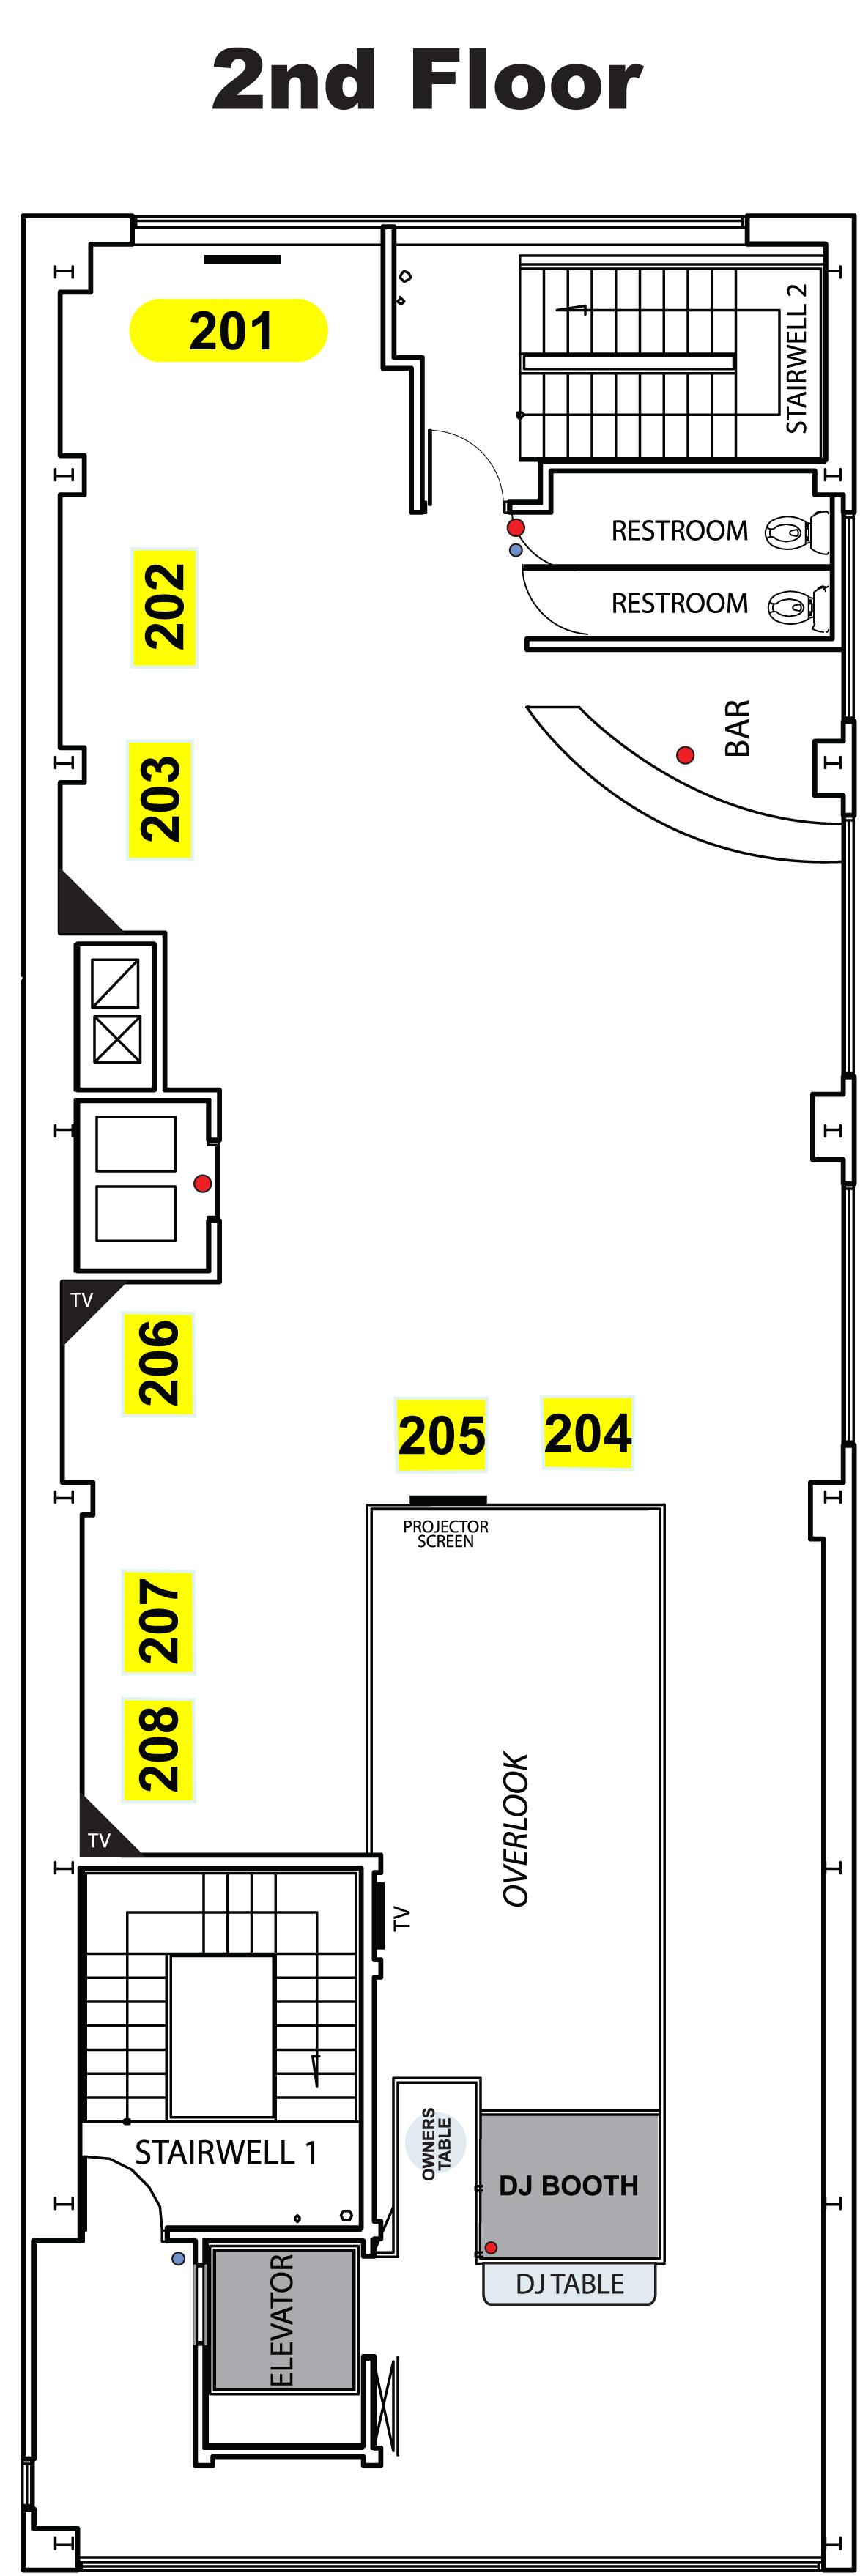 Bottle Service Floor Plan June 2018 v2-2.jpg